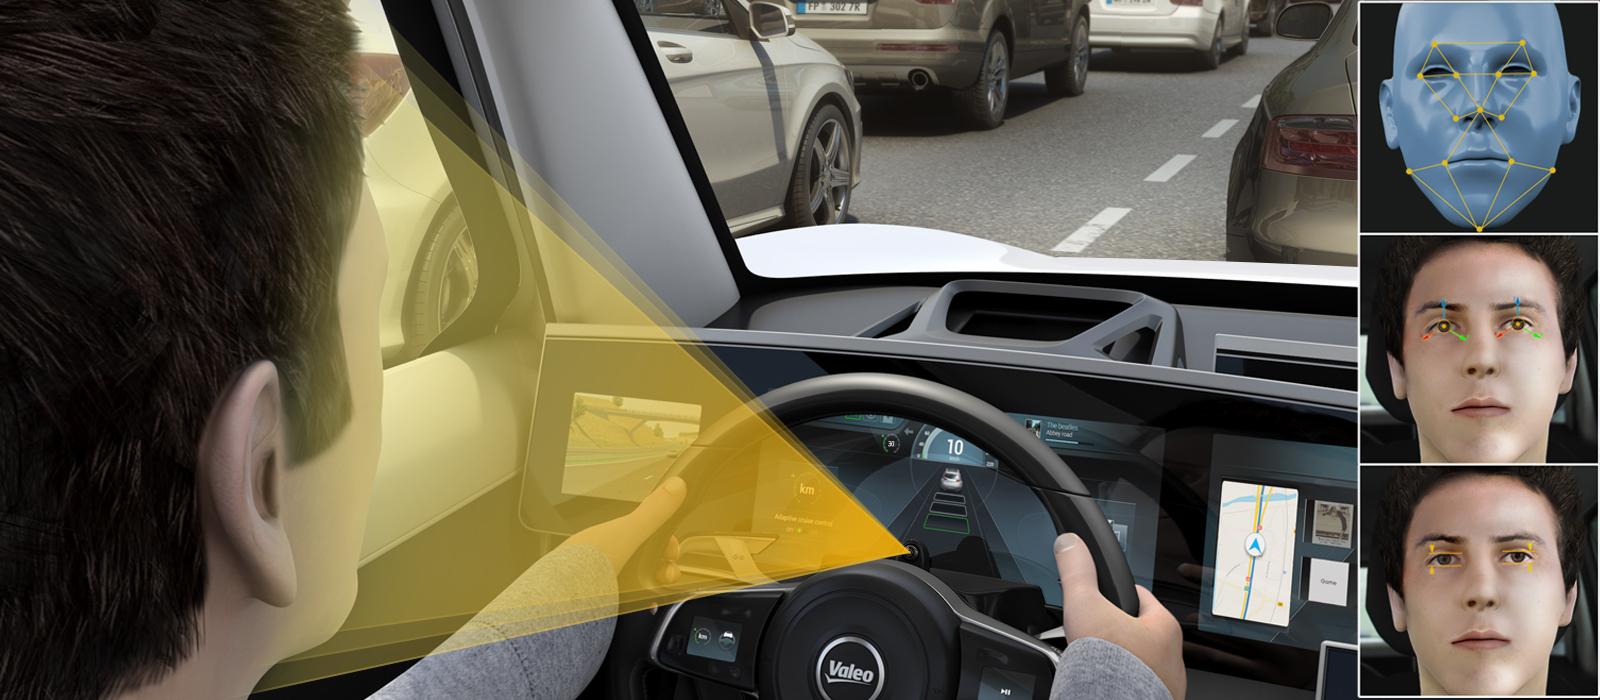 Driver Monitoring A Camera To Monitor Driver Alertness